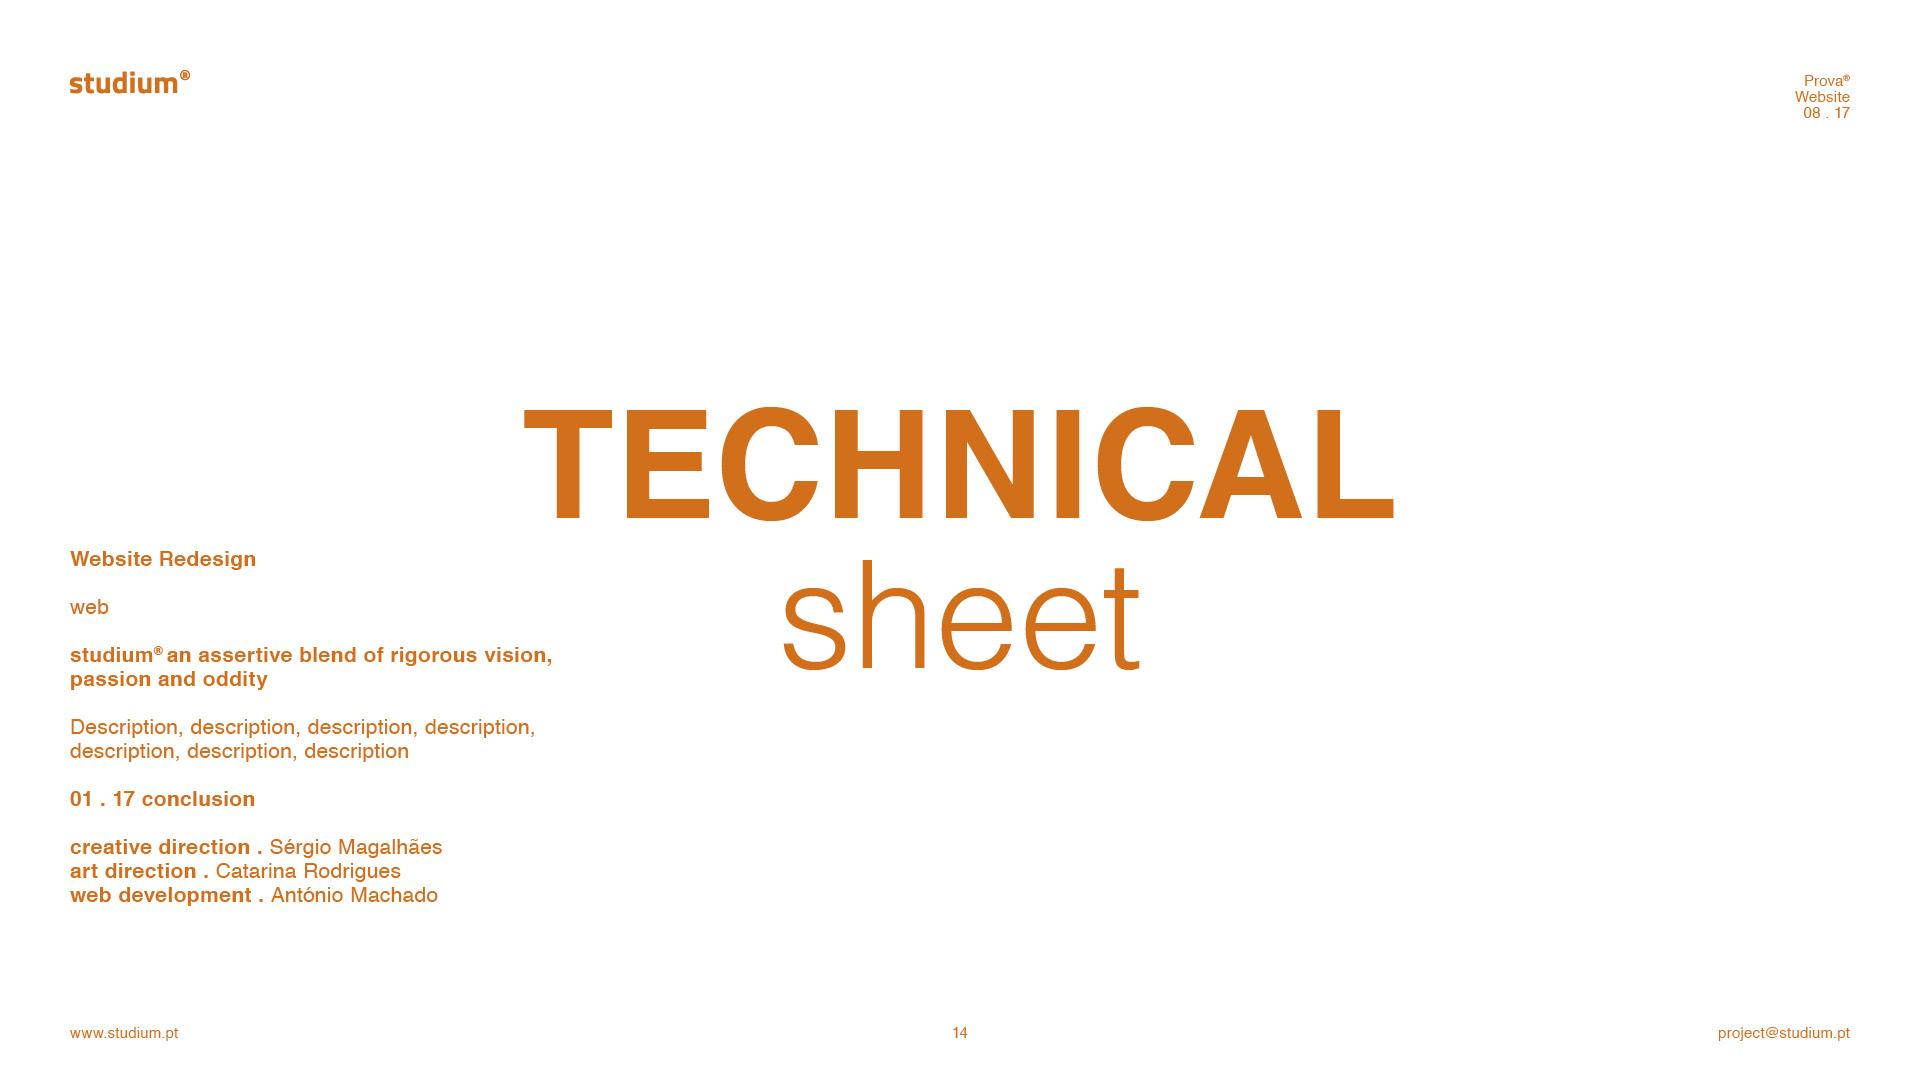 WEB20170000-Prova-Website-Presentation-PU.14